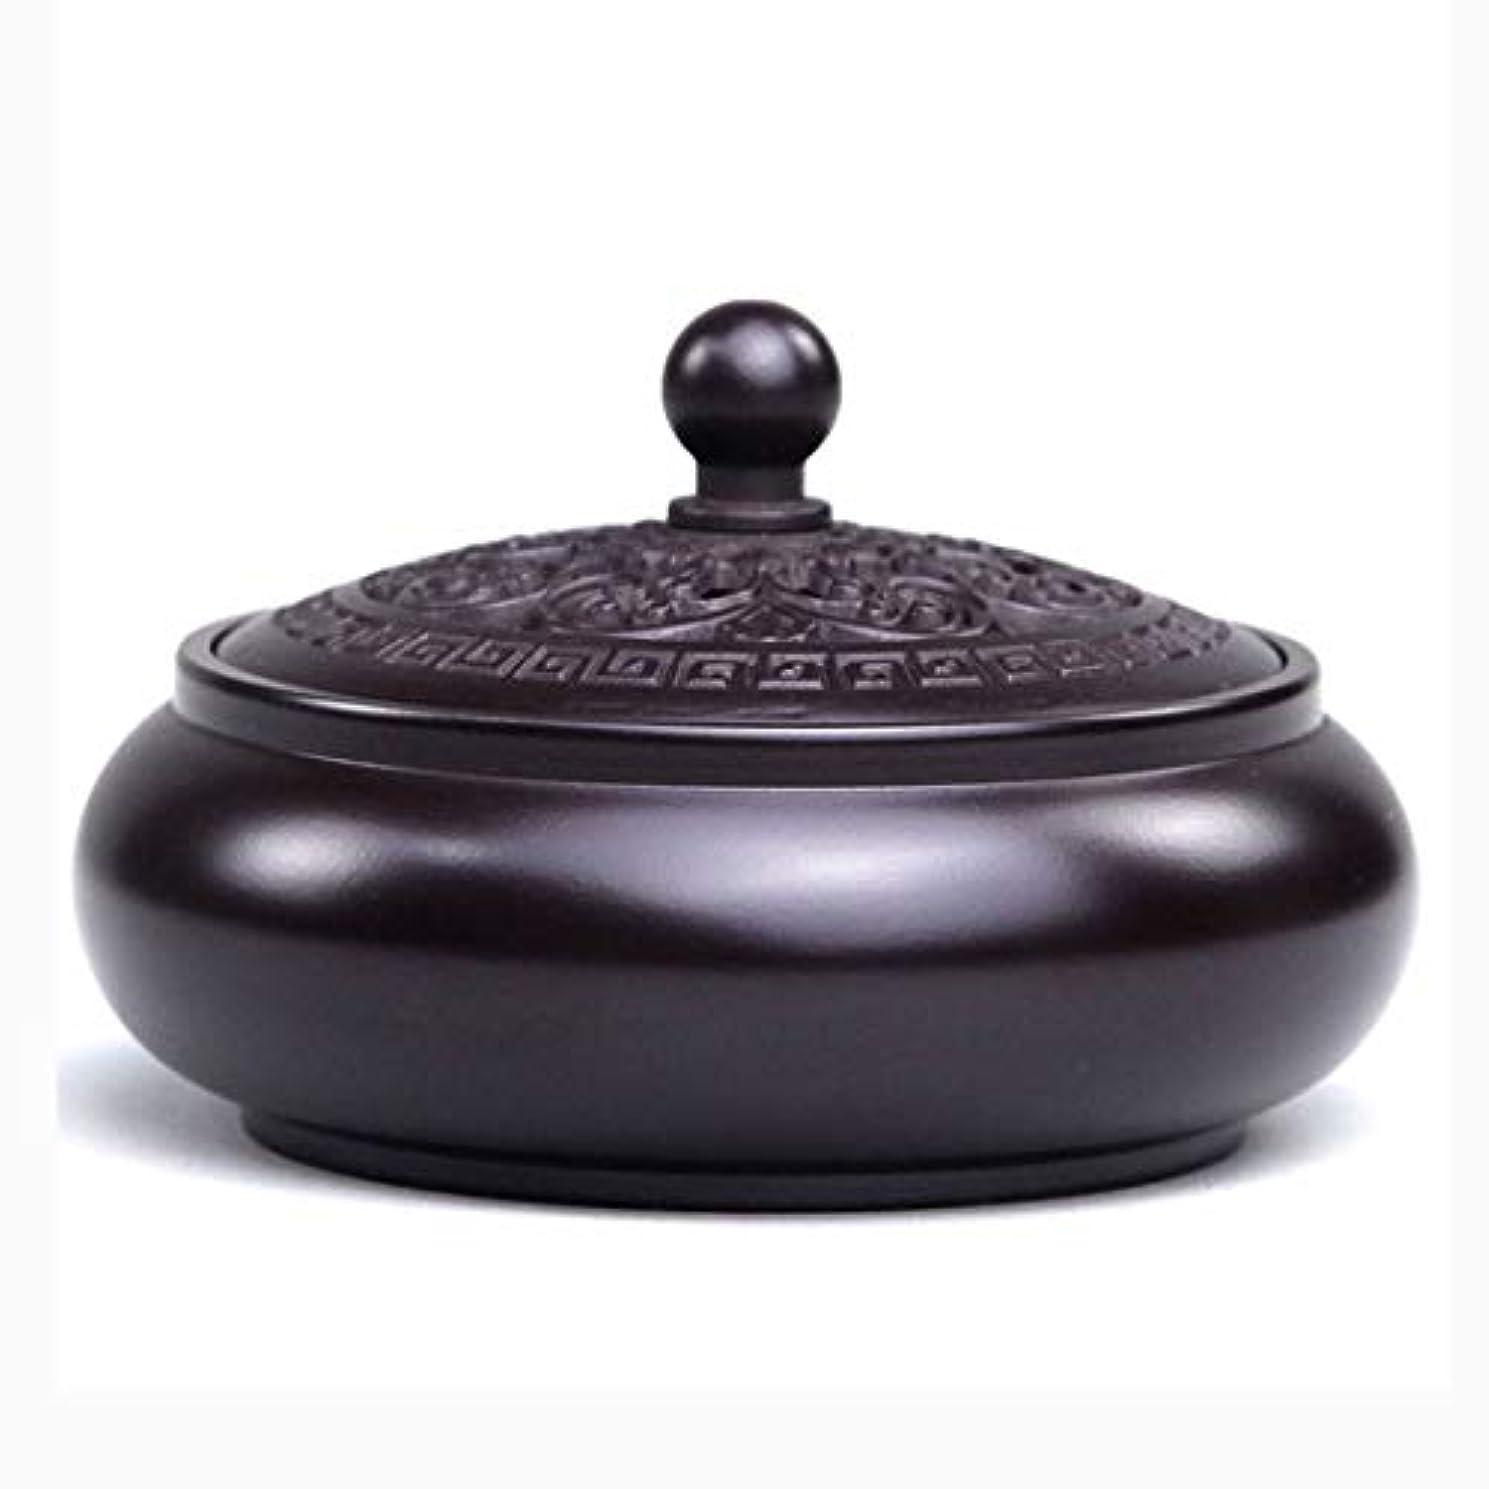 レザーサリー苦芳香器?アロマバーナー 純銅香炉家庭用香炉白檀ストーブ茶セット用仏香炉 アロマバーナー (Color : Red copper)